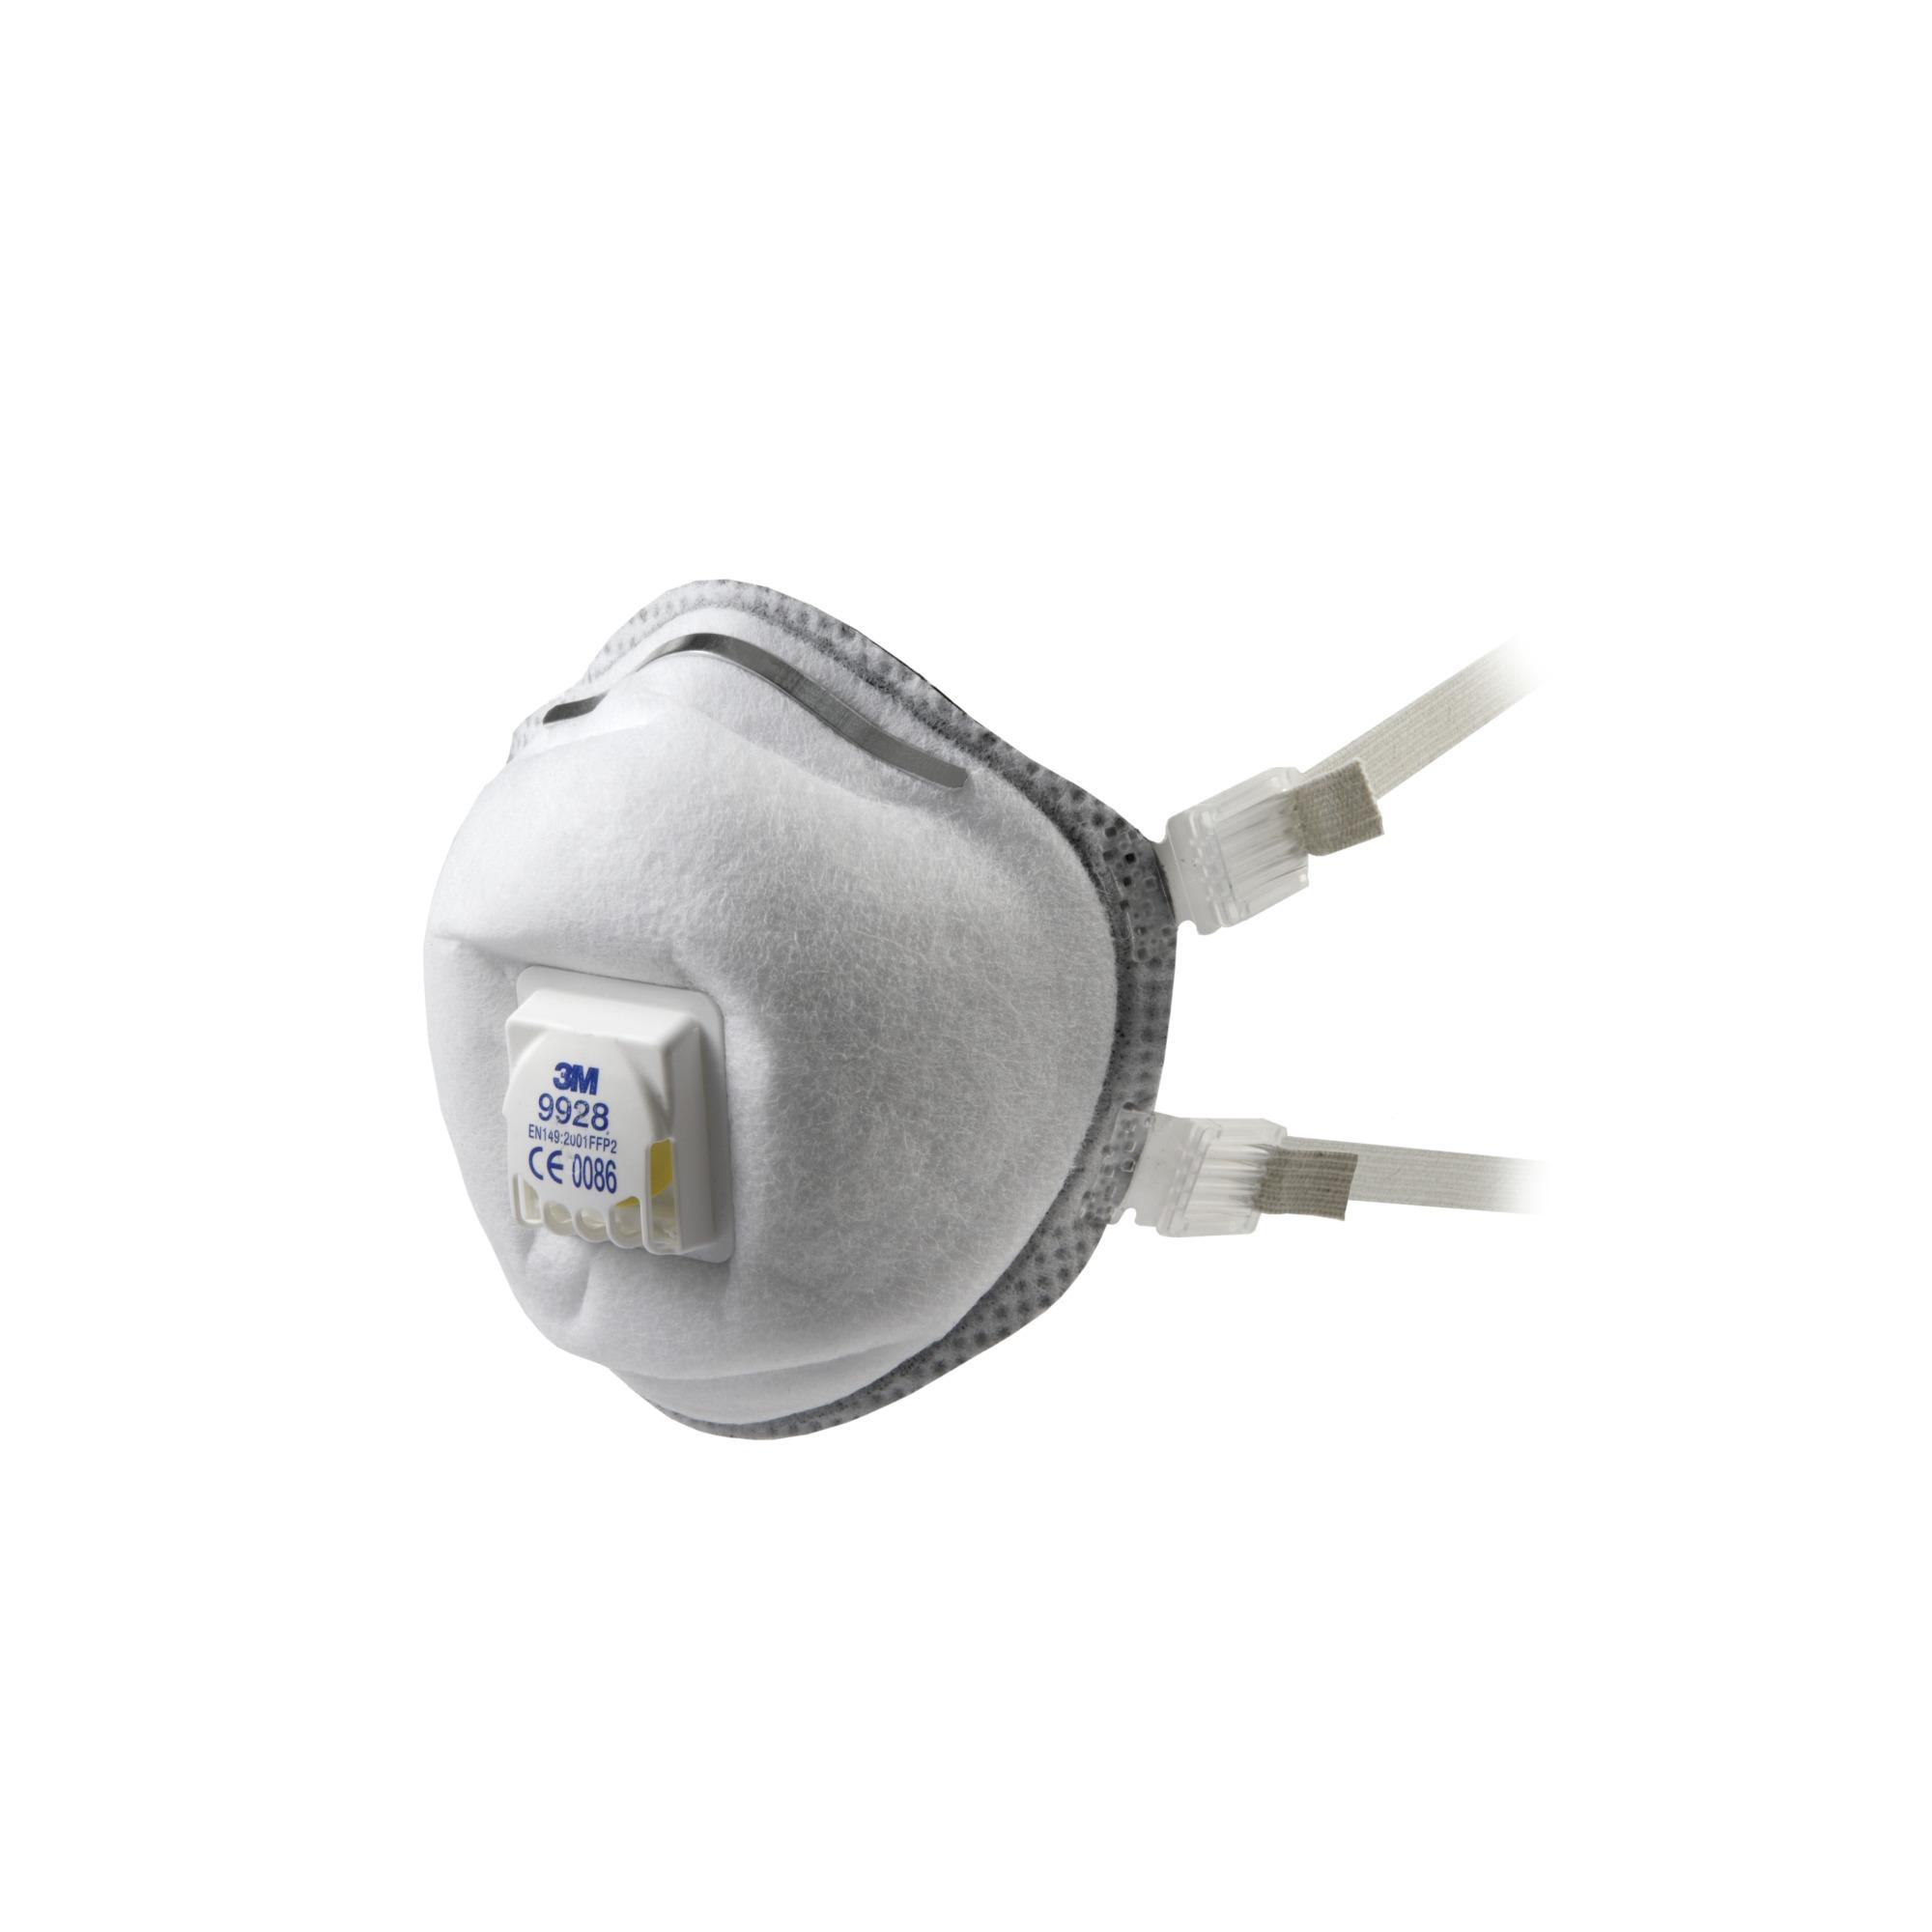 3M™ Lasrookmasker cupvorm FFP2 met uitademventiel